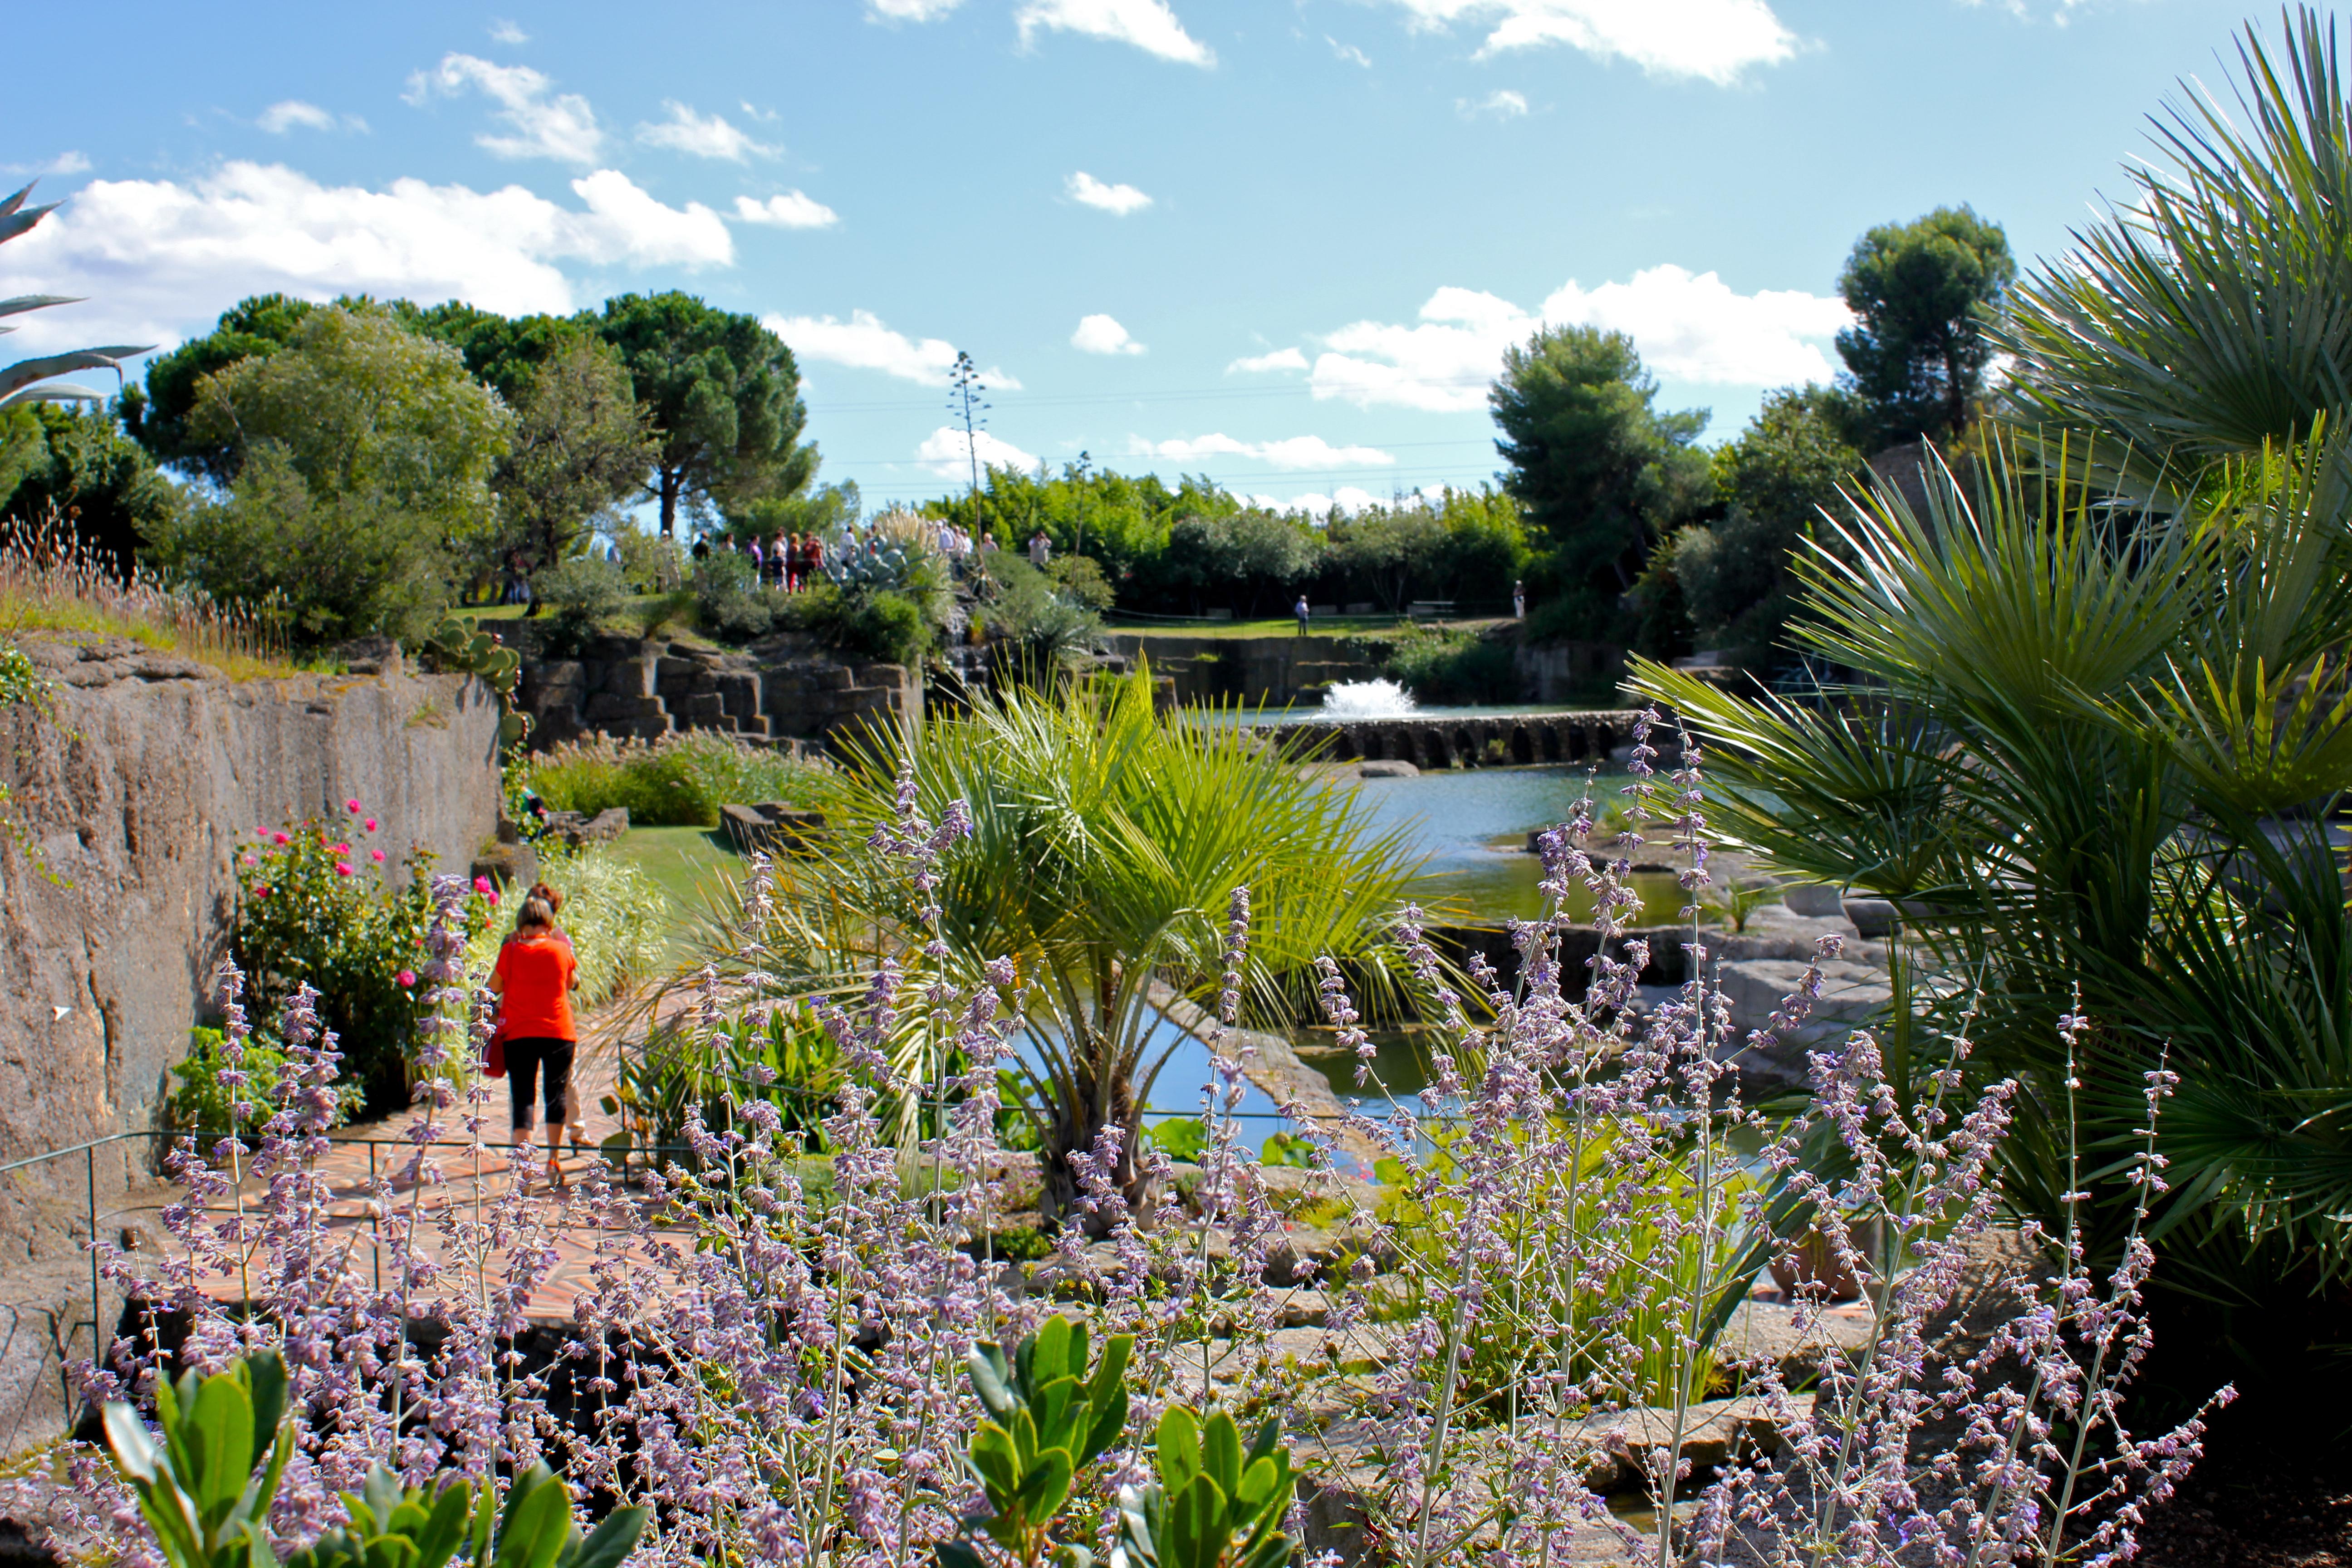 Jardin de st adrien murvielklotter - Jardin de saint adrien ...